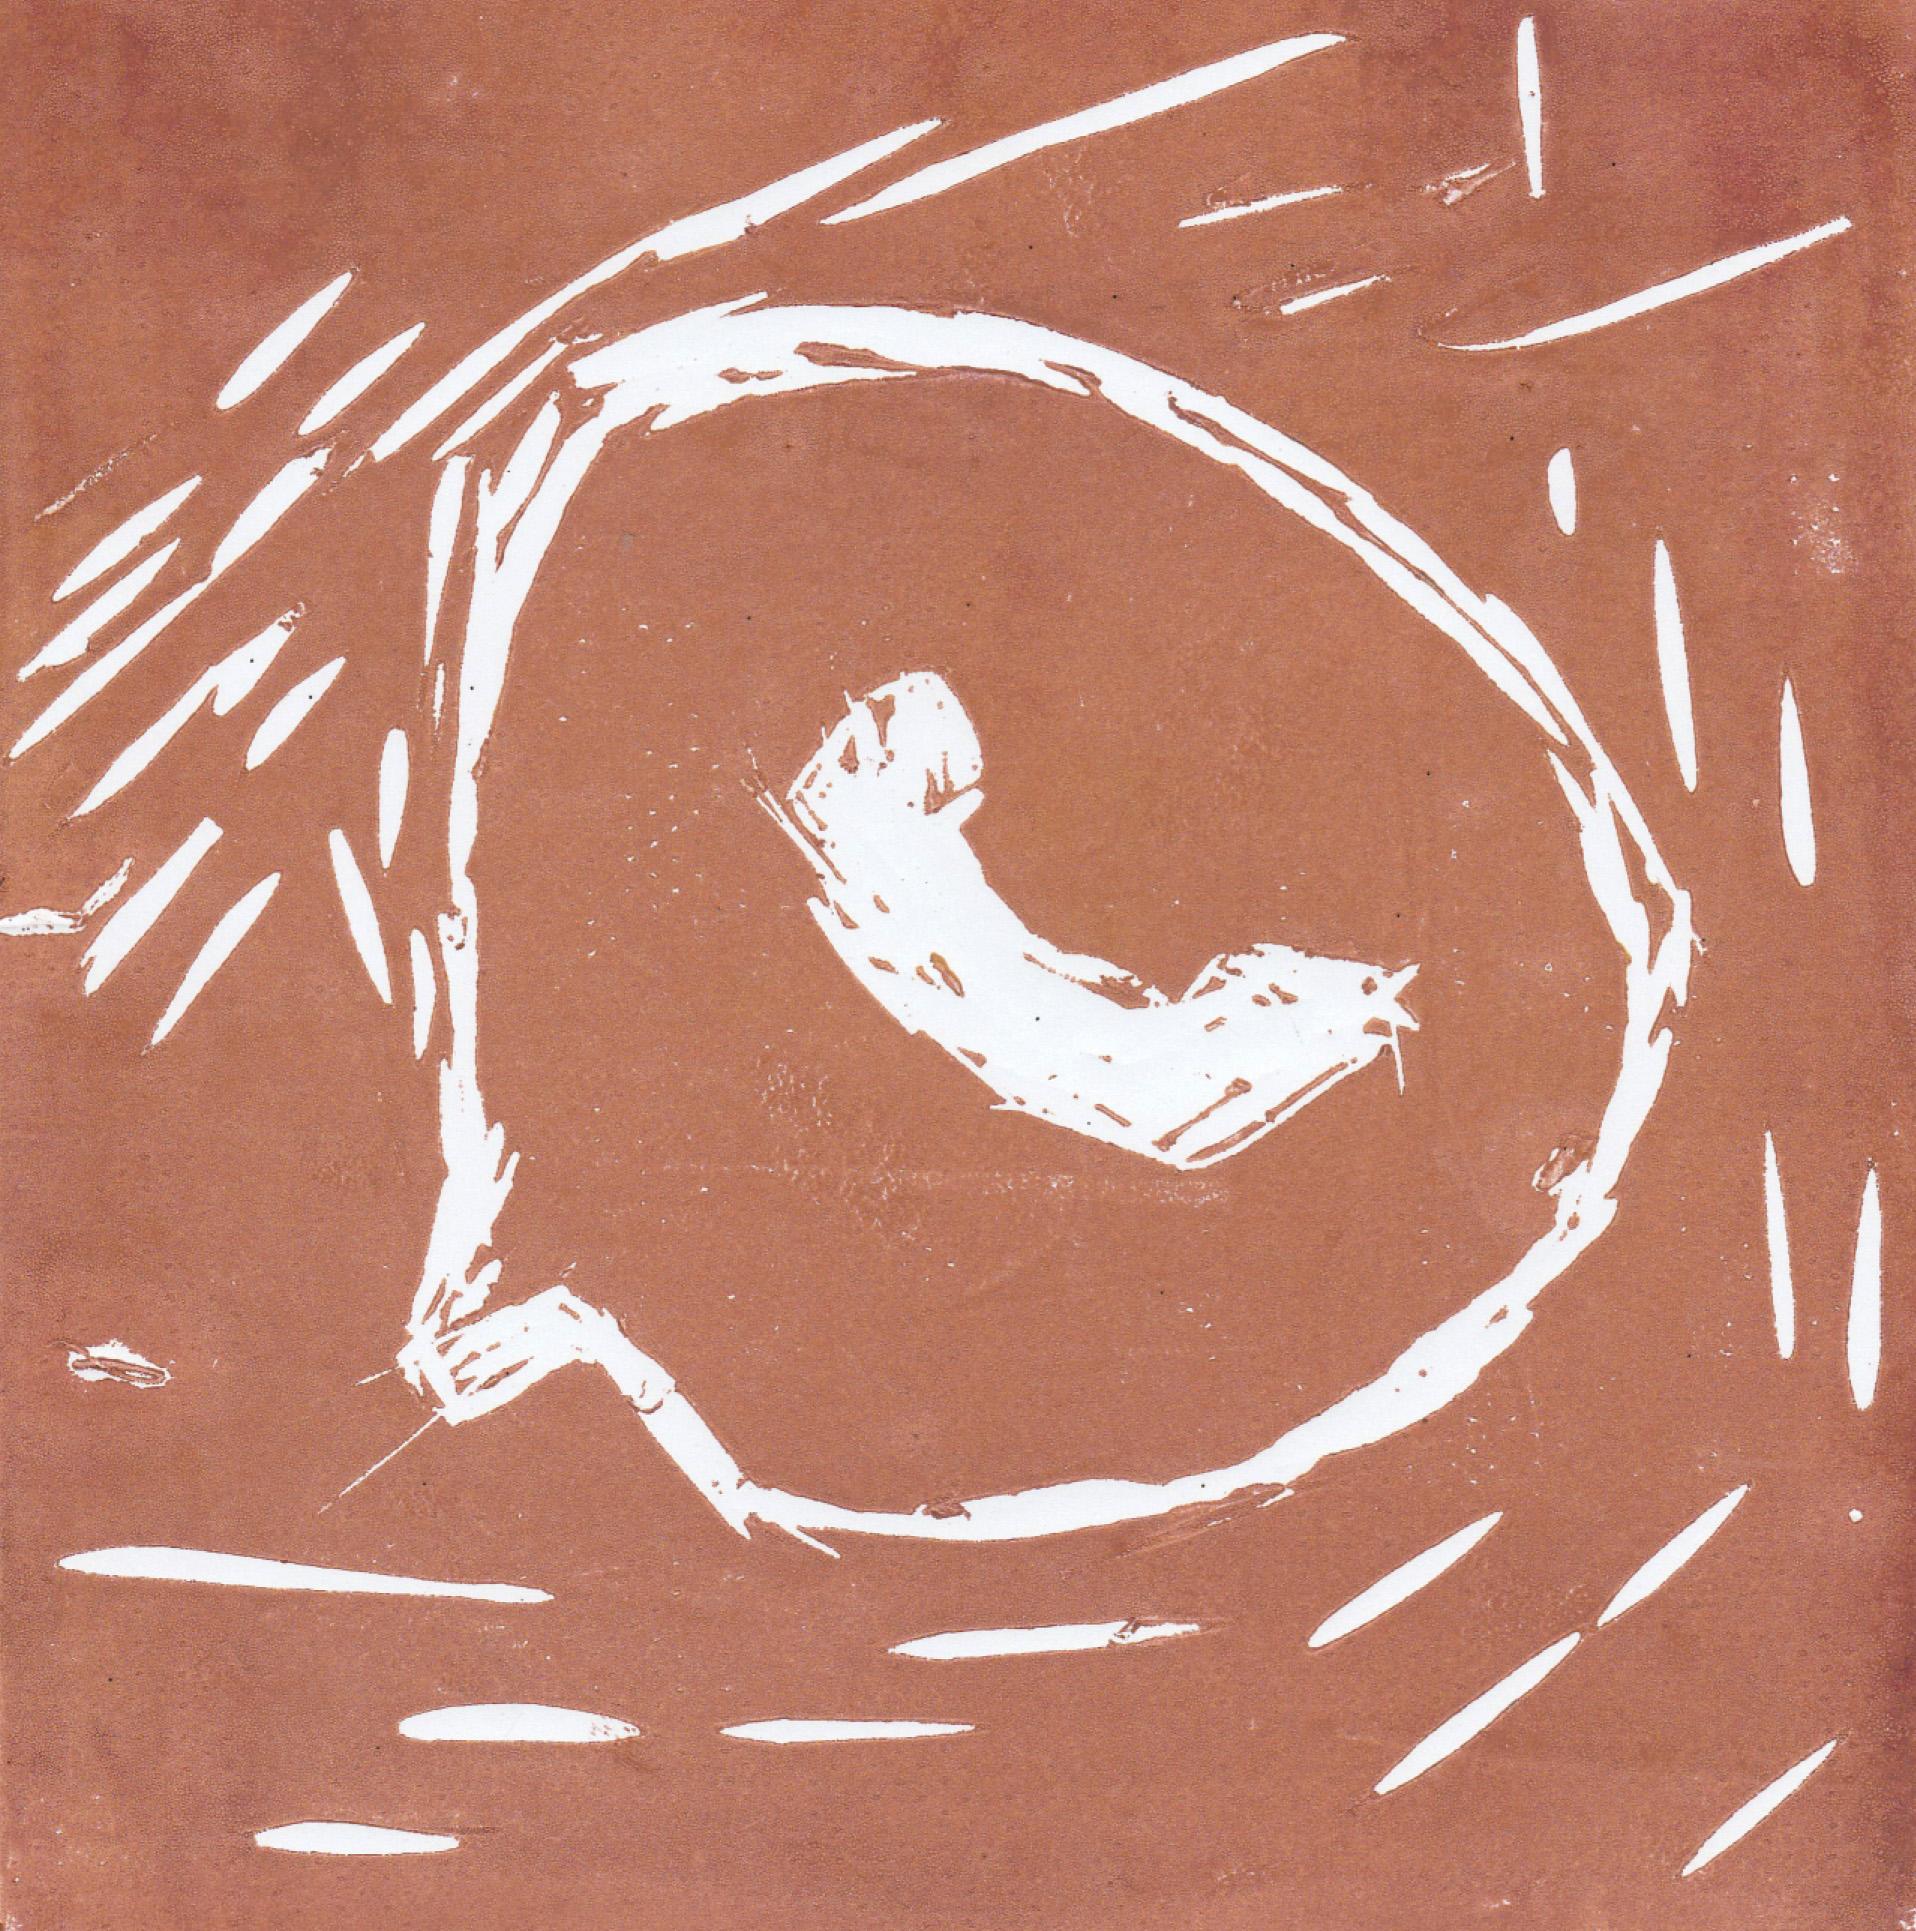 Zīmējumā ir attēlots Whatsapp logo interpretācija. Logo ir balts, fons ir brūns.